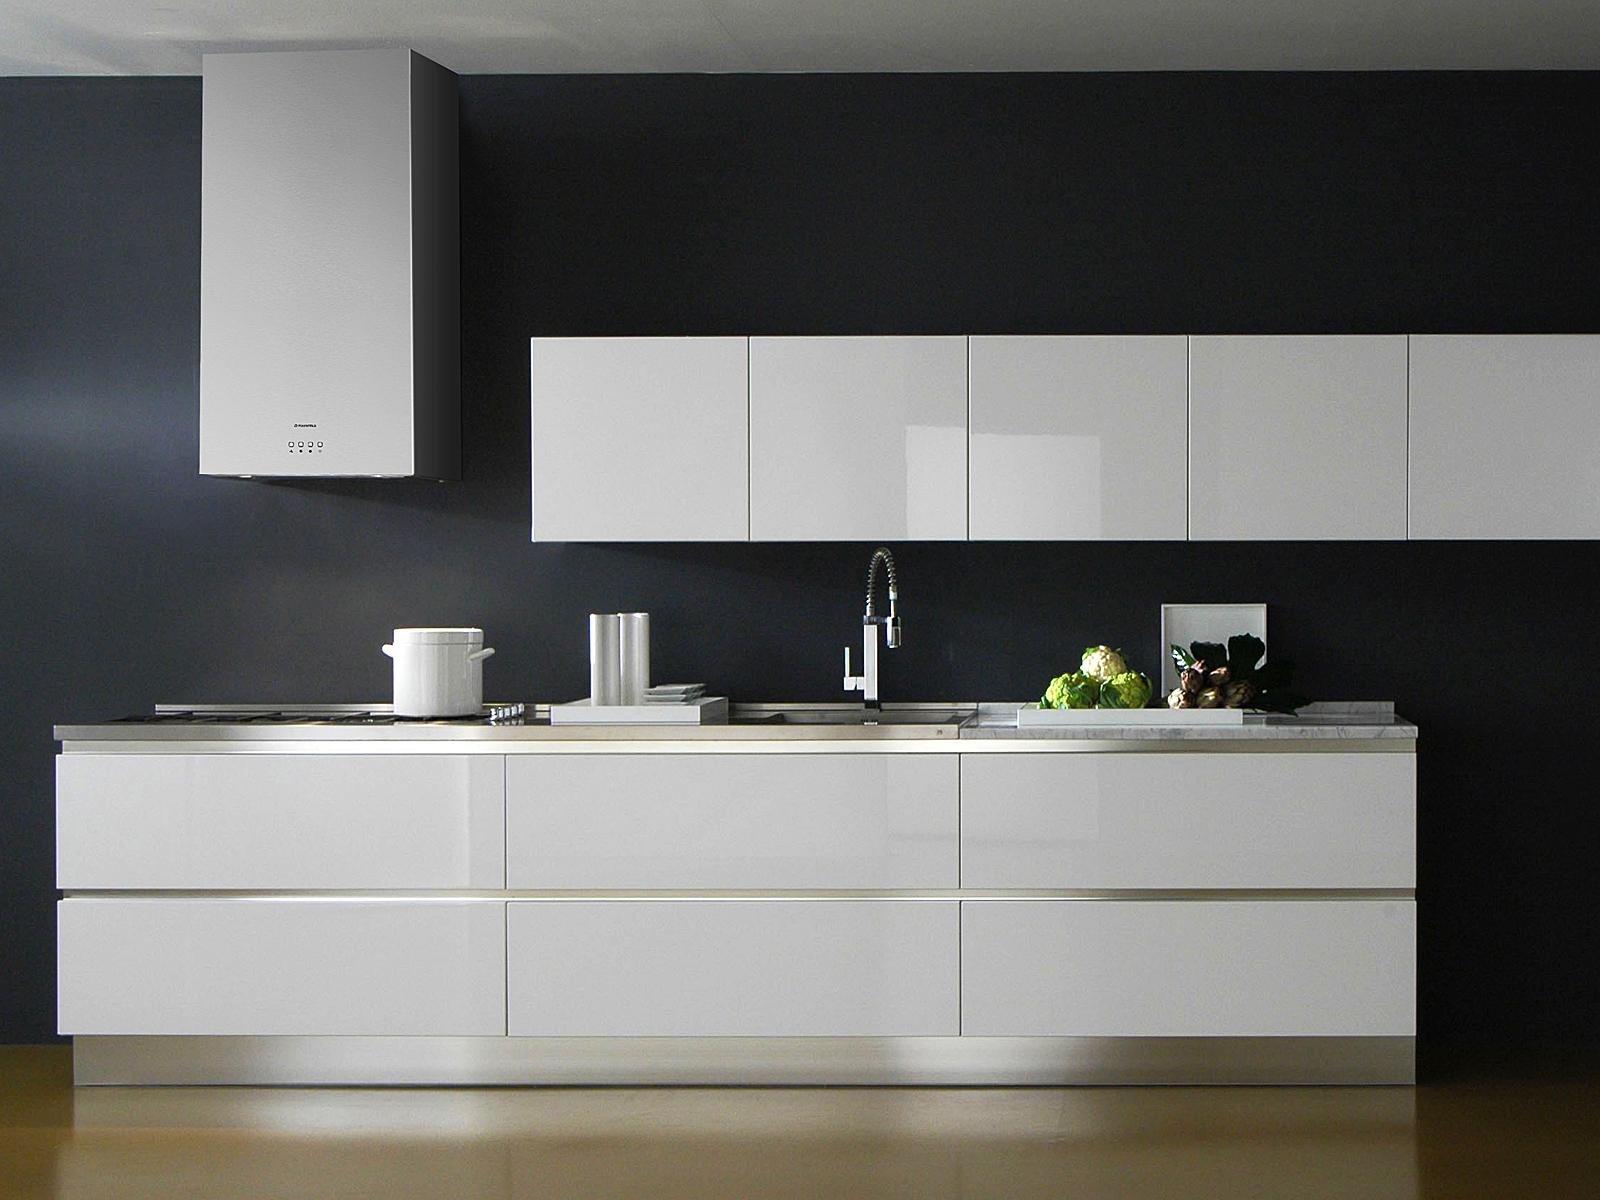 жарке филе дизайн кухонного гарнитура белый глянец фото отличительная особенность творчества